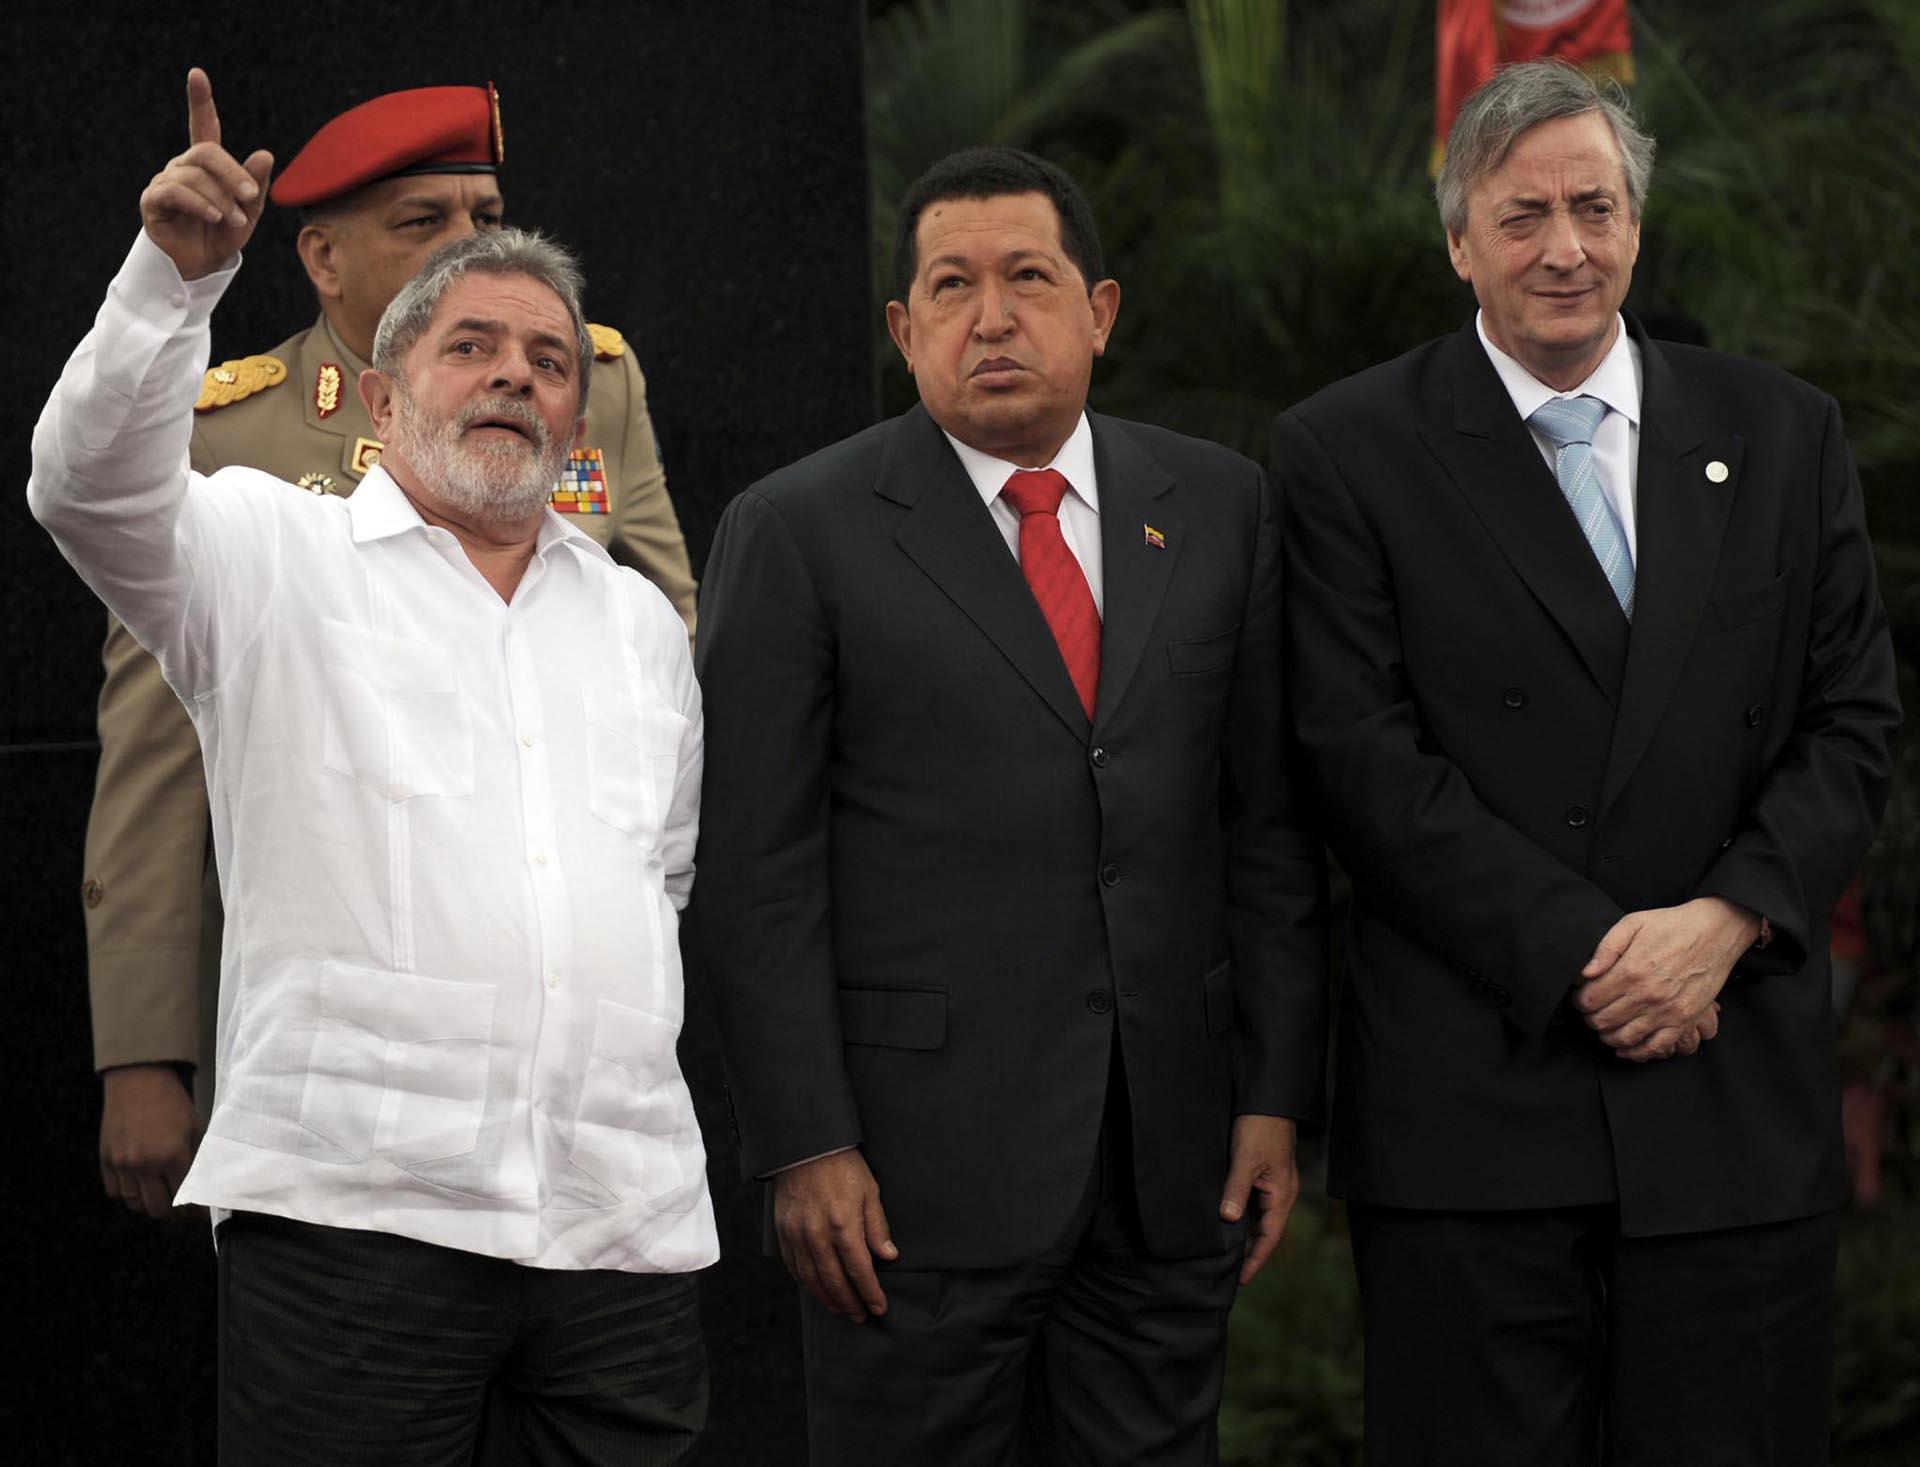 Néstor Kirchner, Secretario General de UNASUR, junto a los presidentes de Brasil, Lula da Silva, y Venezuela, Hugo Chávez, durante el Comité Estratégico Presidencial de Sudamérica y África (ASA), en Caracas, el 6 de agosto de 2010.